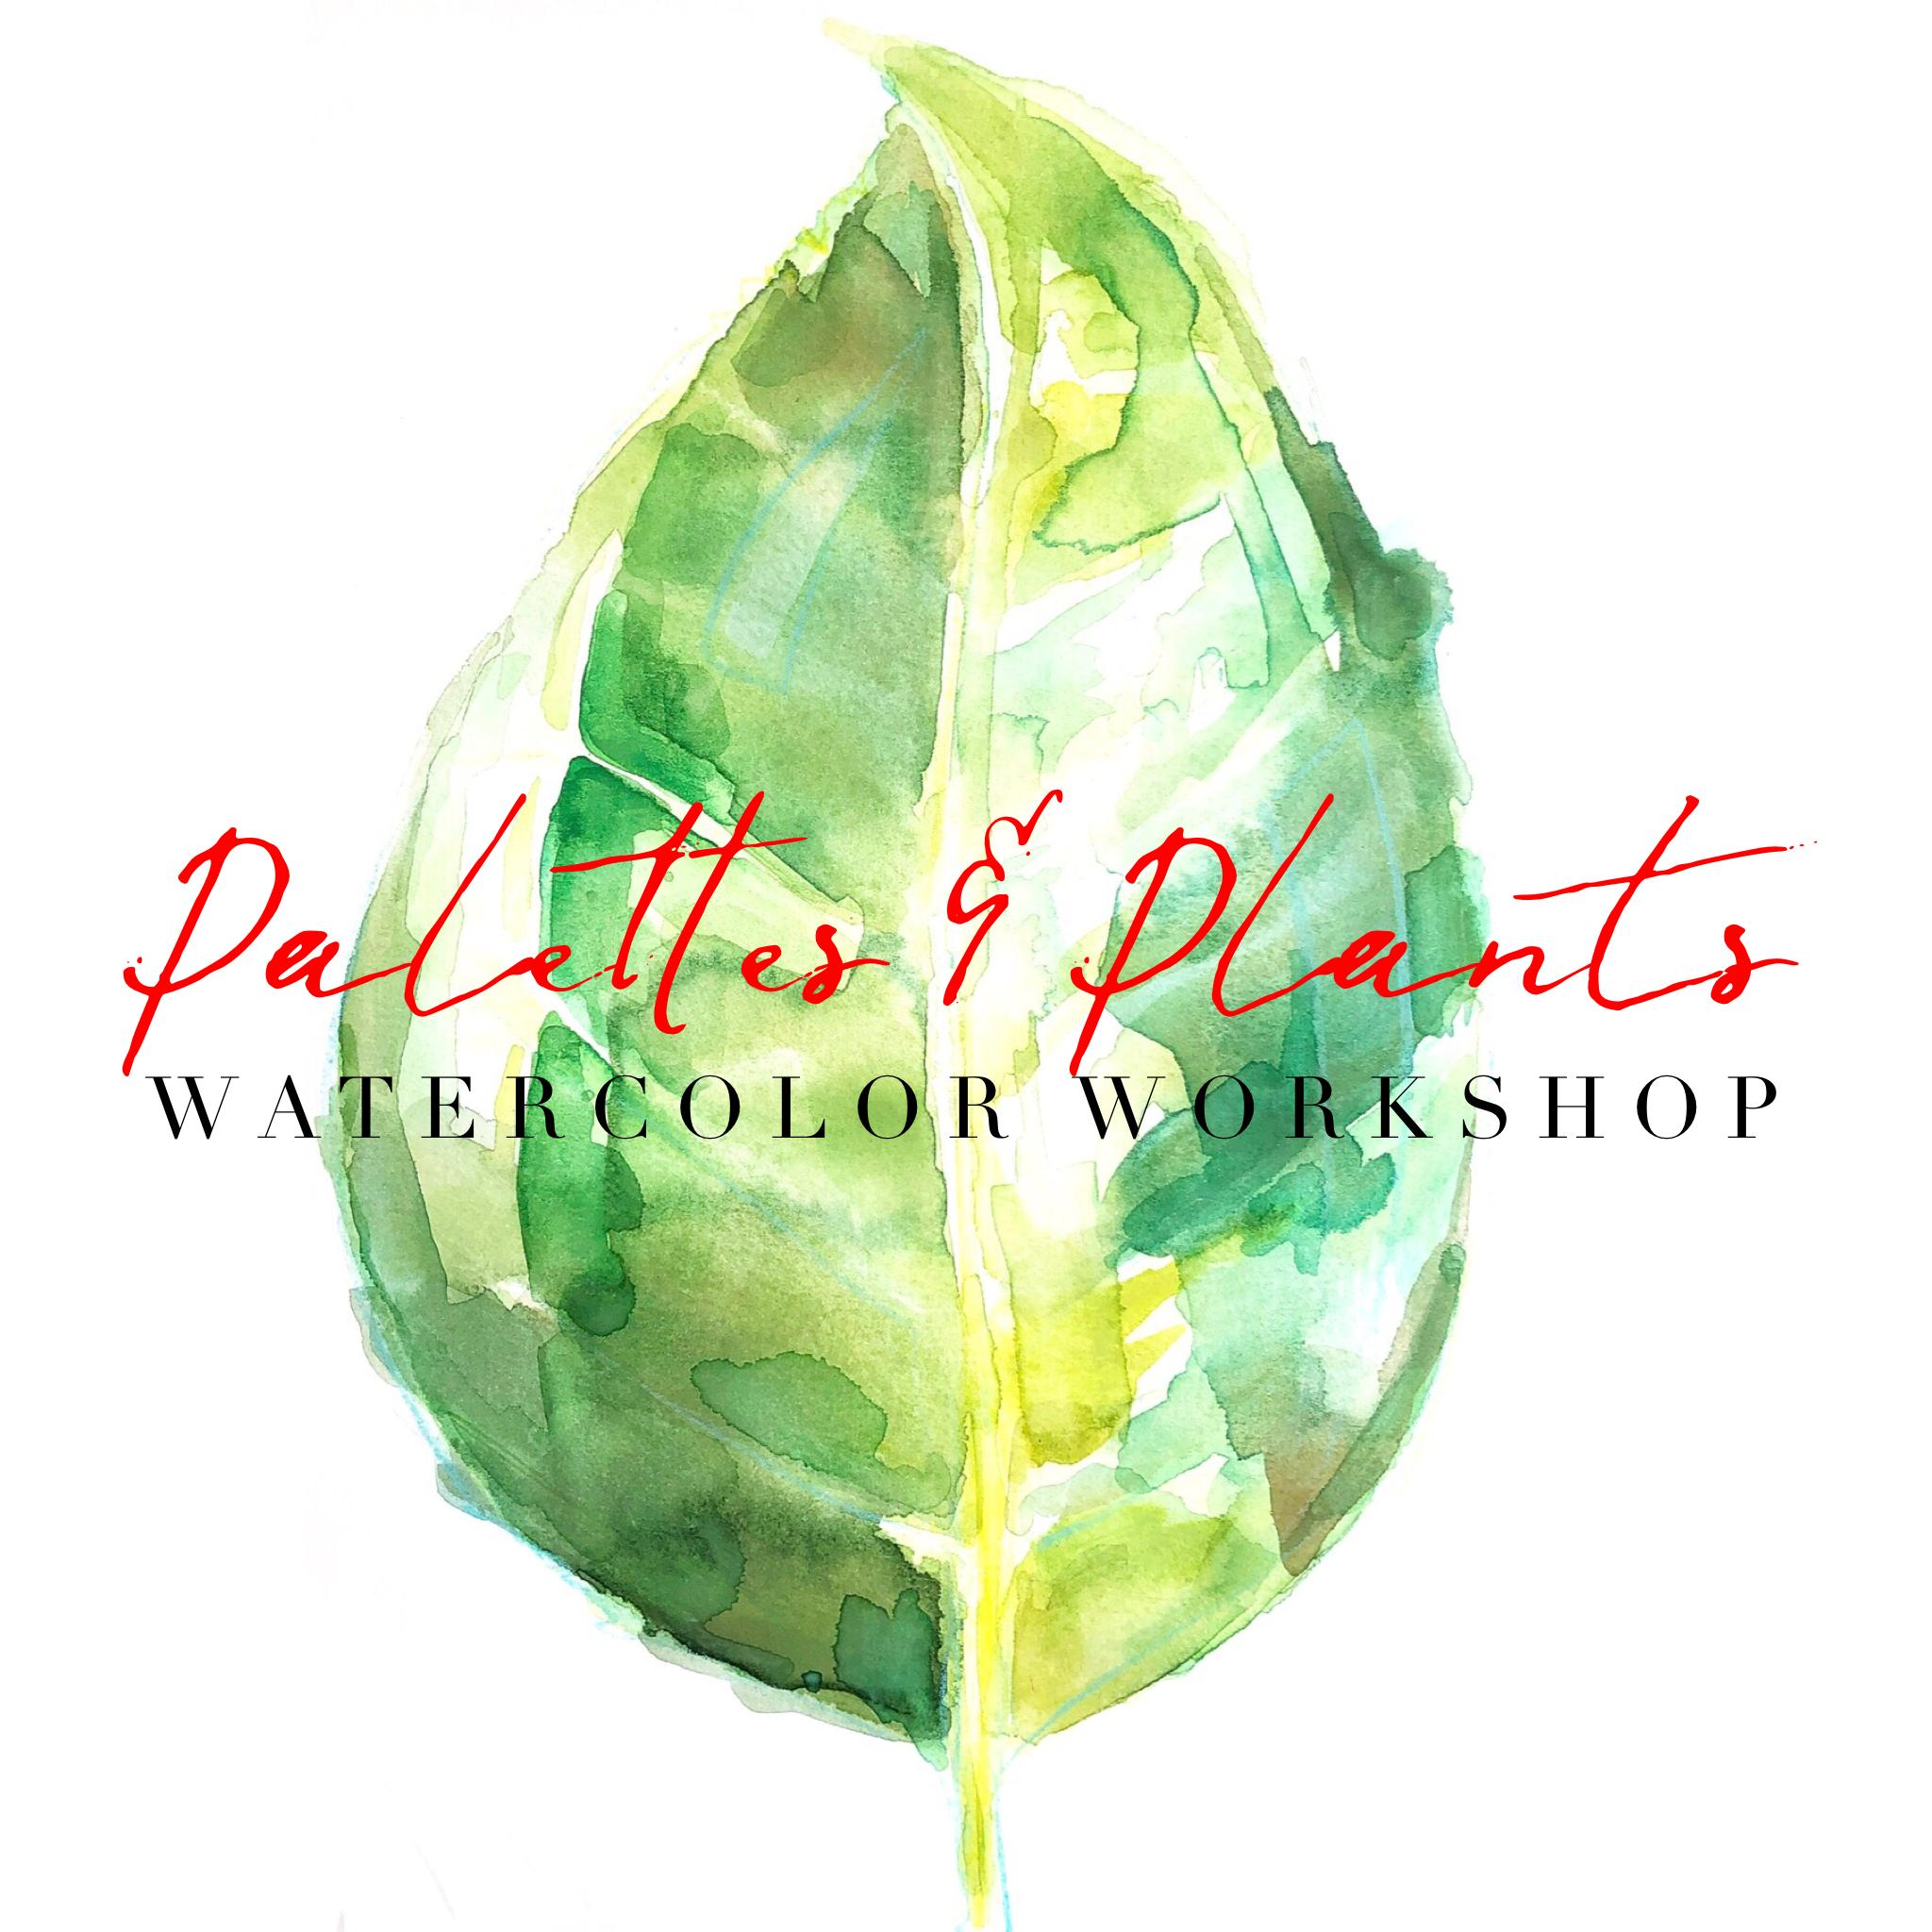 2019 Adult Art Class - Lauren Duncan - June 20th Plants and Paintbrushes